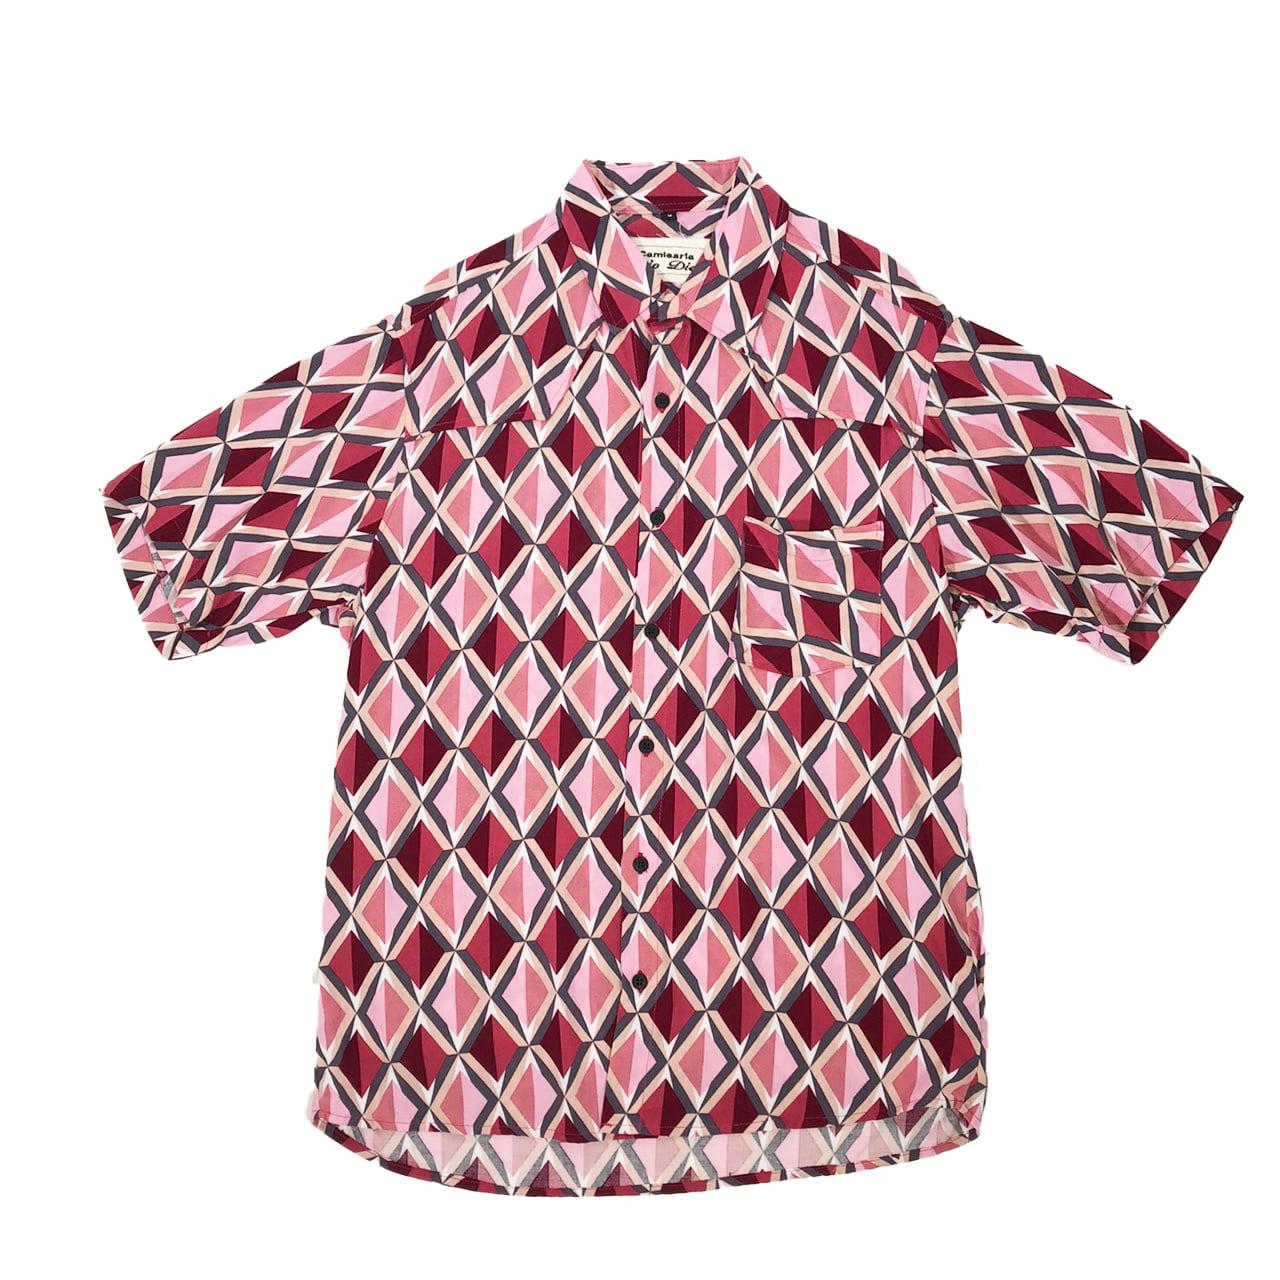 Caio Dias_Viscose Print Shirt:Light Pink